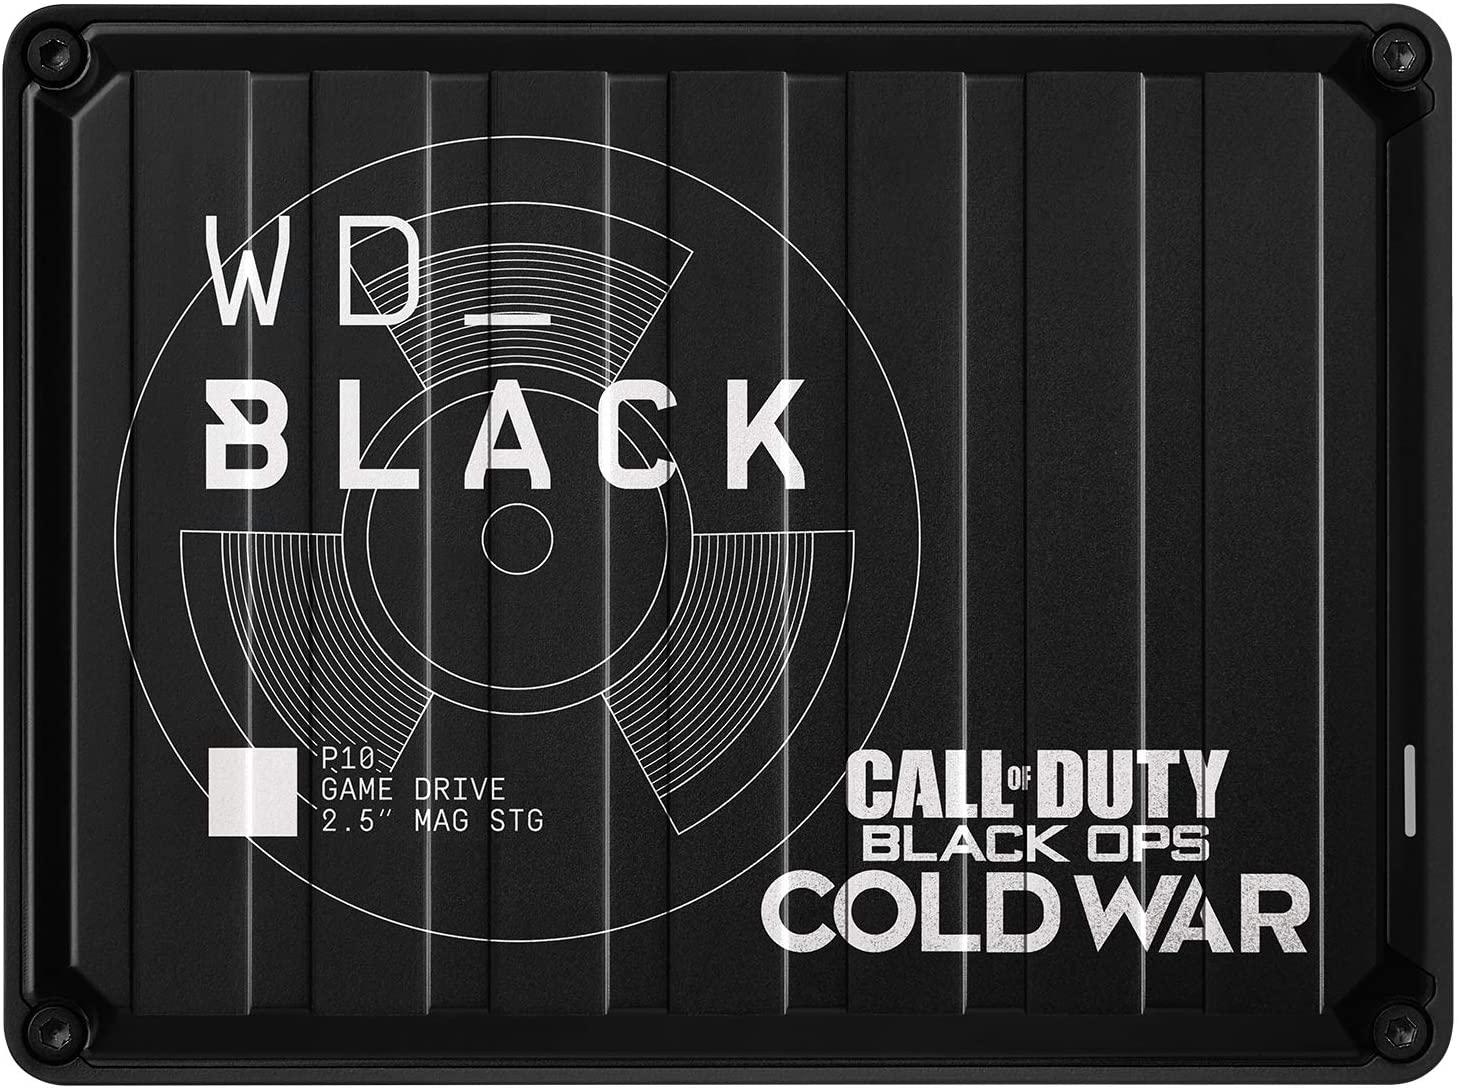 WD Black Call of Duty Festplatte amazon